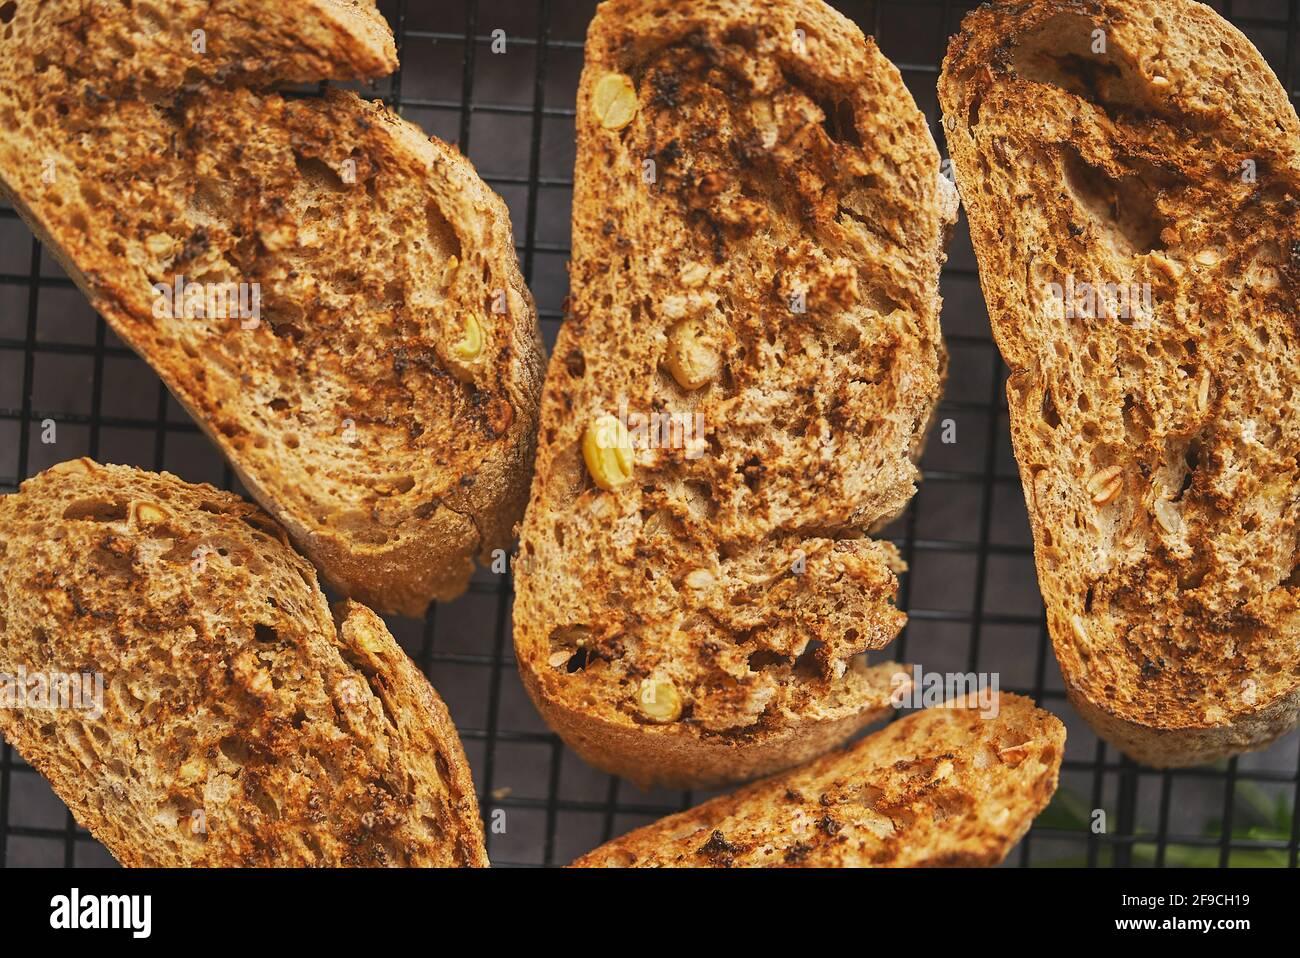 Primer plano de marcor de rodajas de baguette tostadas colocadas en el marco de la parrilla. Vista superior Foto de stock